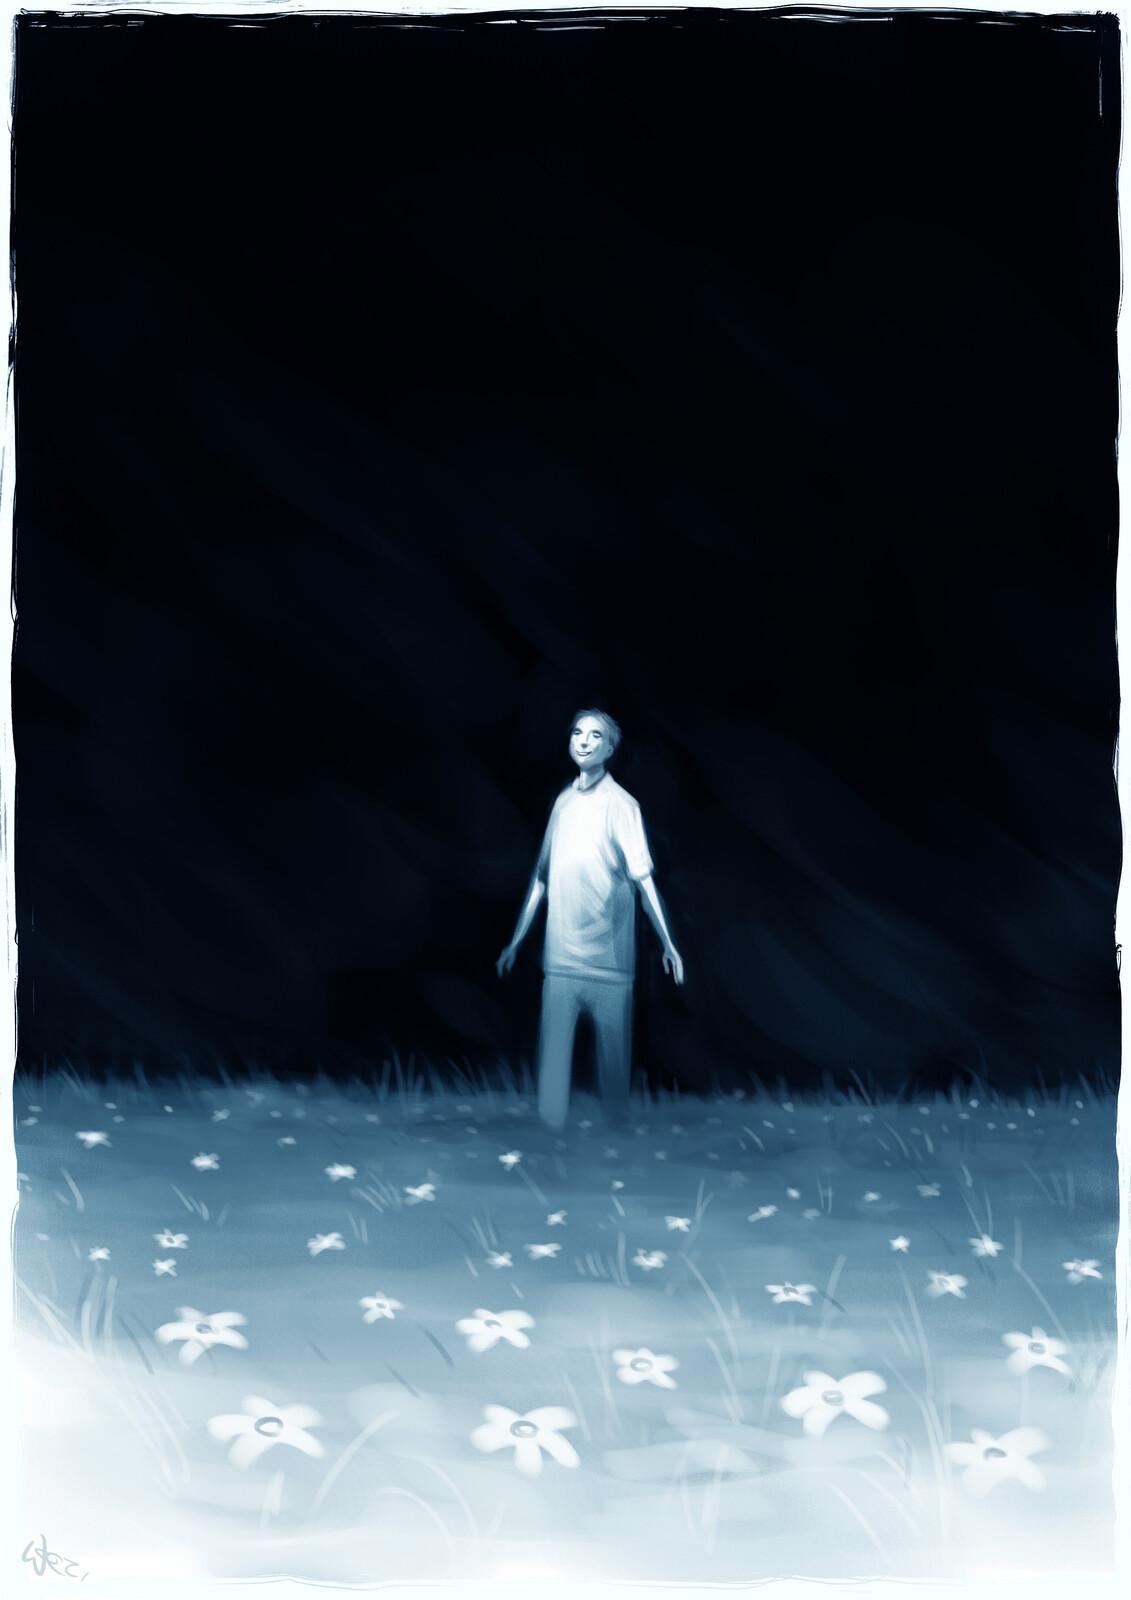 Night Walking